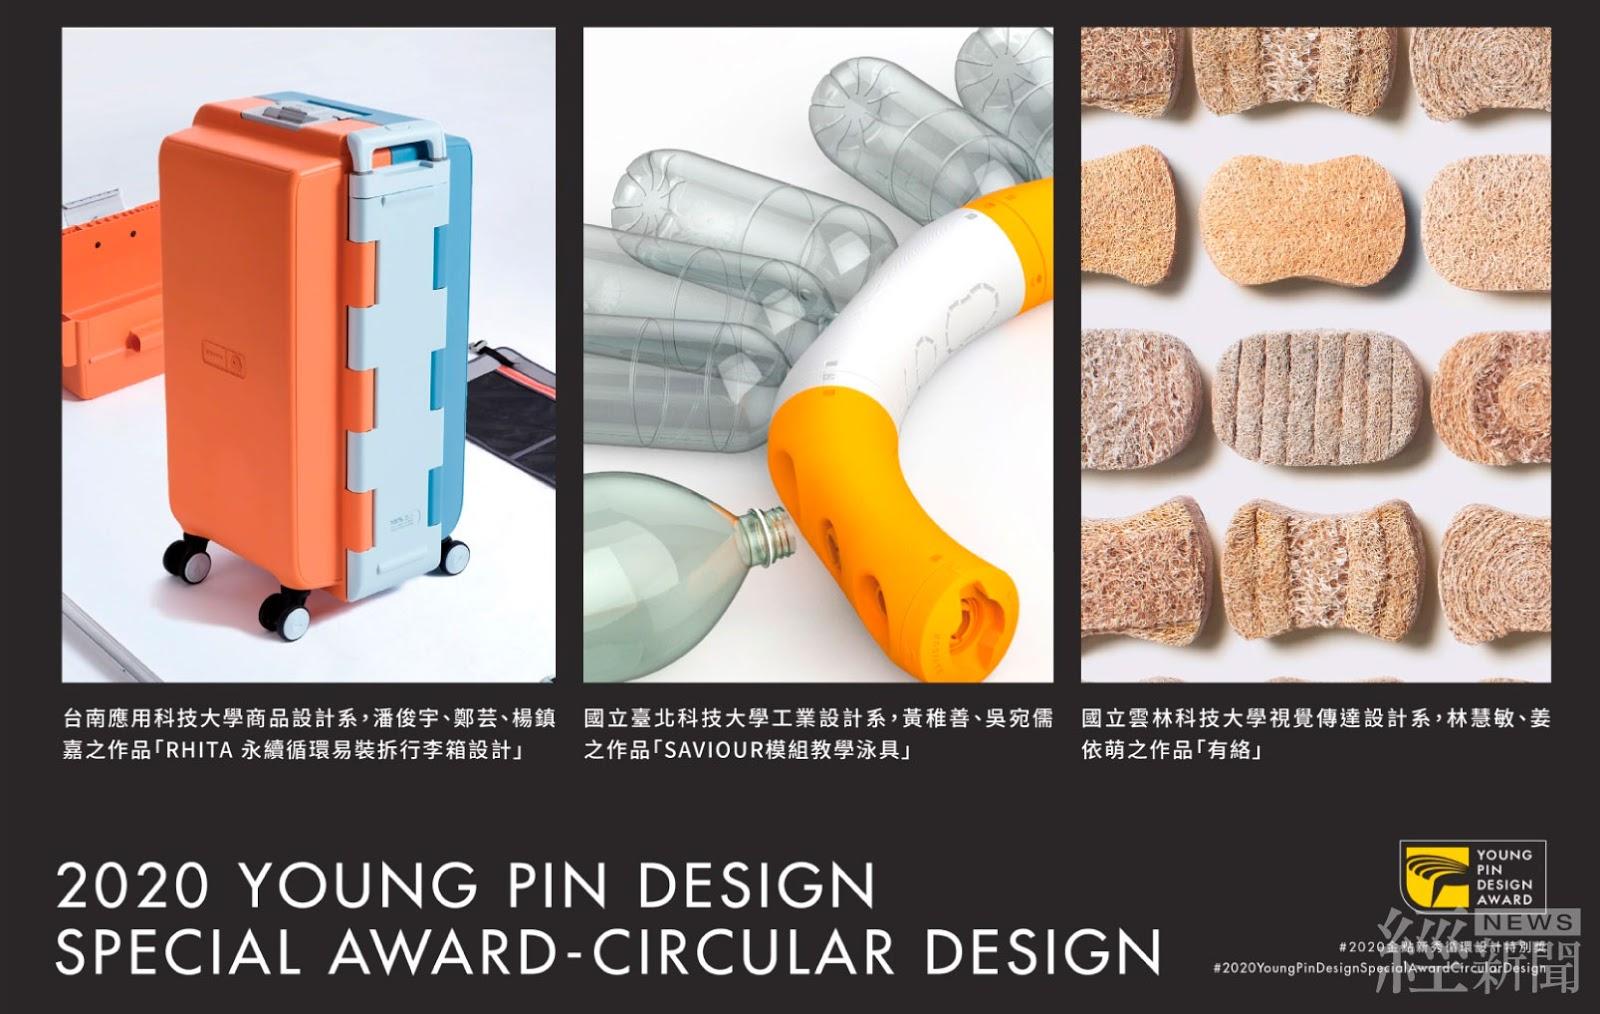 2020金點新秀循環設計特別獎之得獎作品